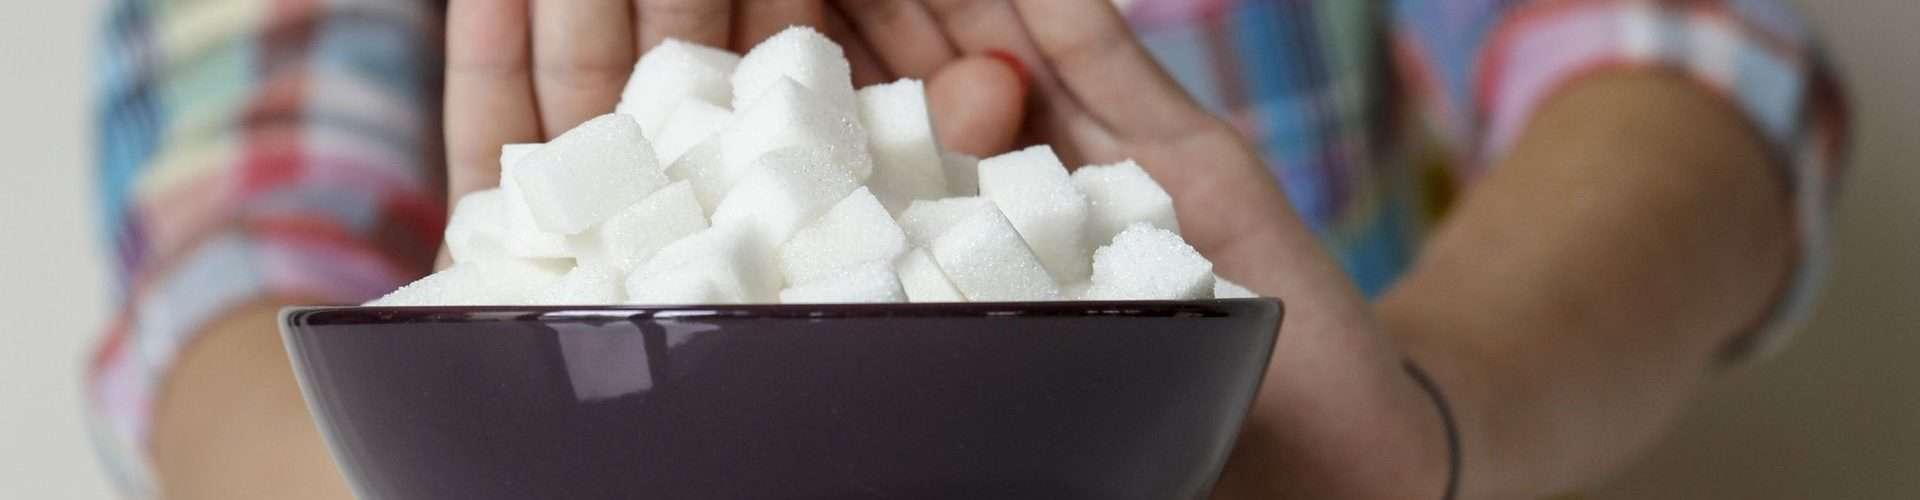 meilleur-substitut-sucre